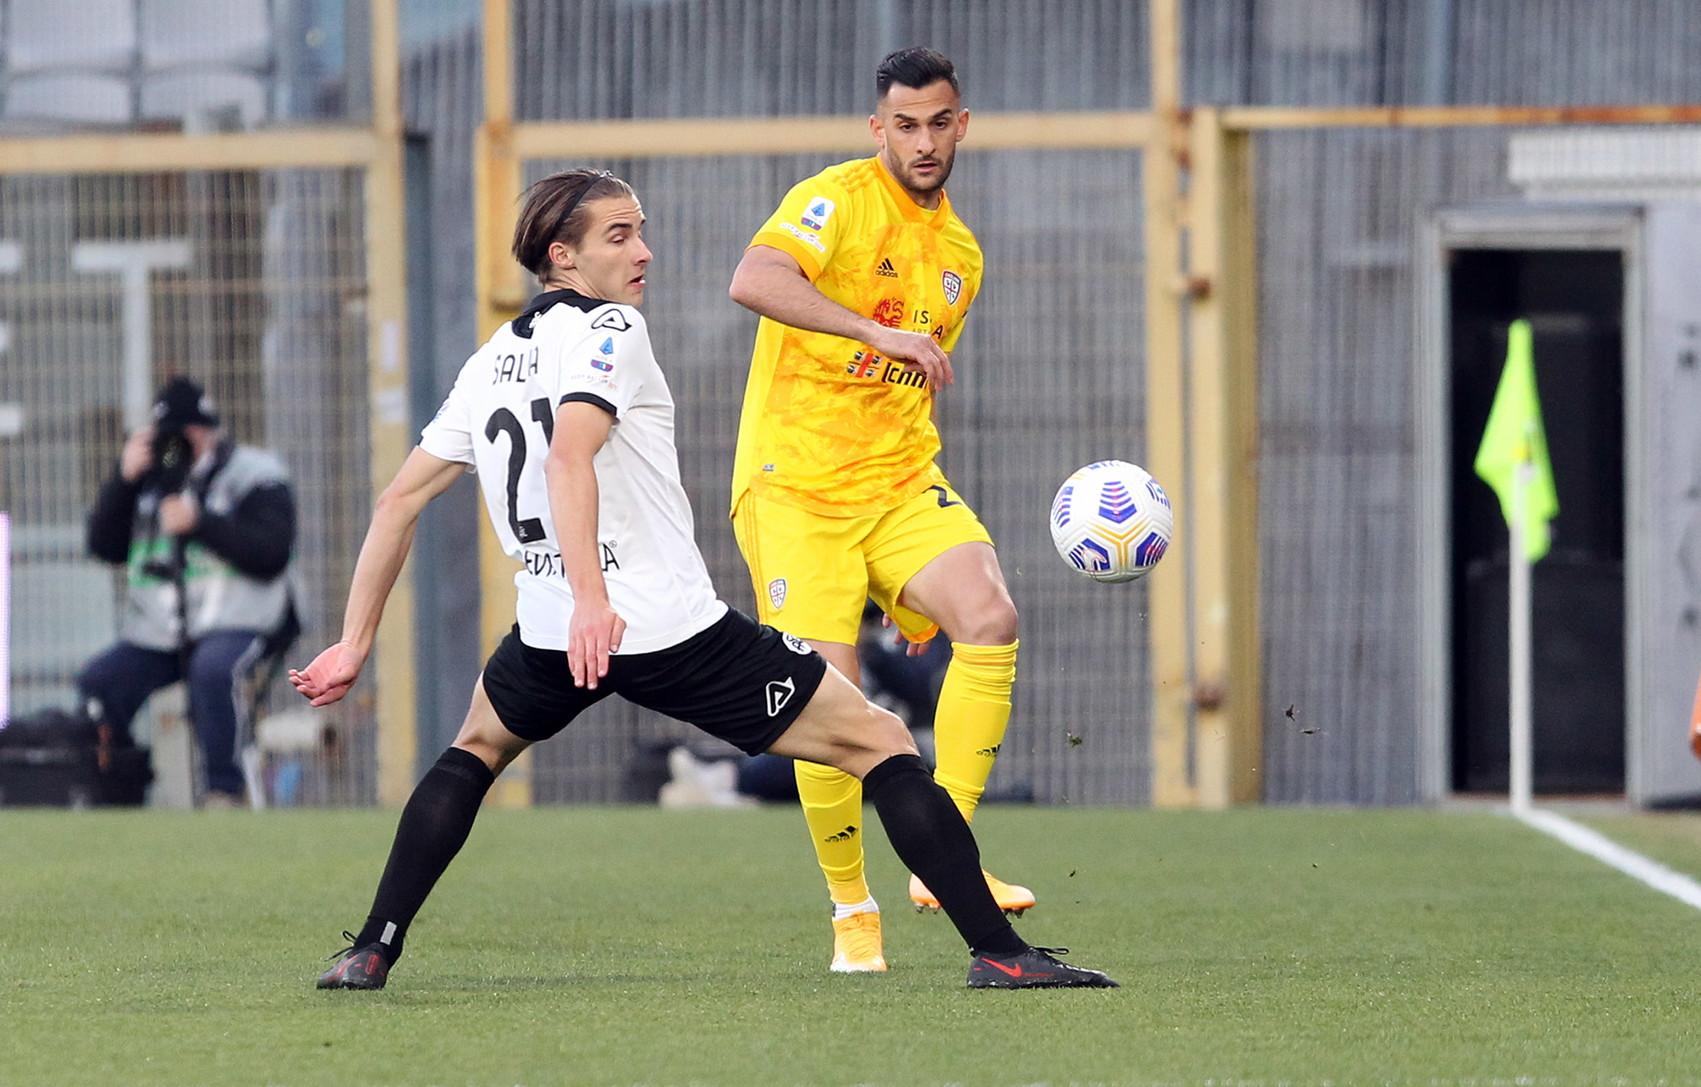 Spezia-Cagliari 2-1, le foto pi&ugrave; belle<br /><br />